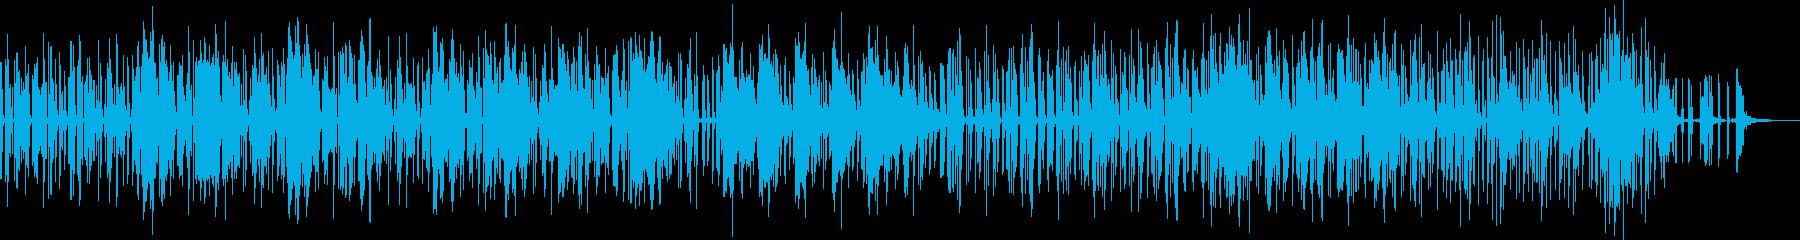 風変わりで泡立つ低音駆動のグルーブ...の再生済みの波形